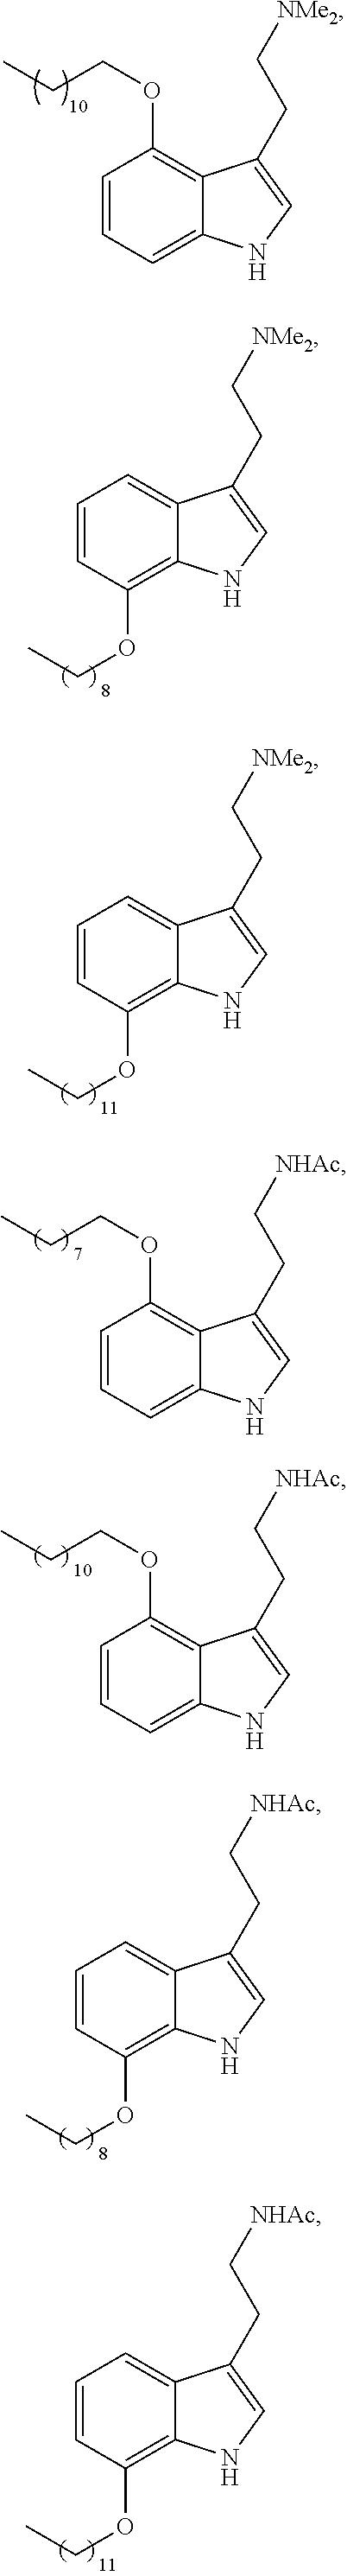 Figure US09073851-20150707-C00060